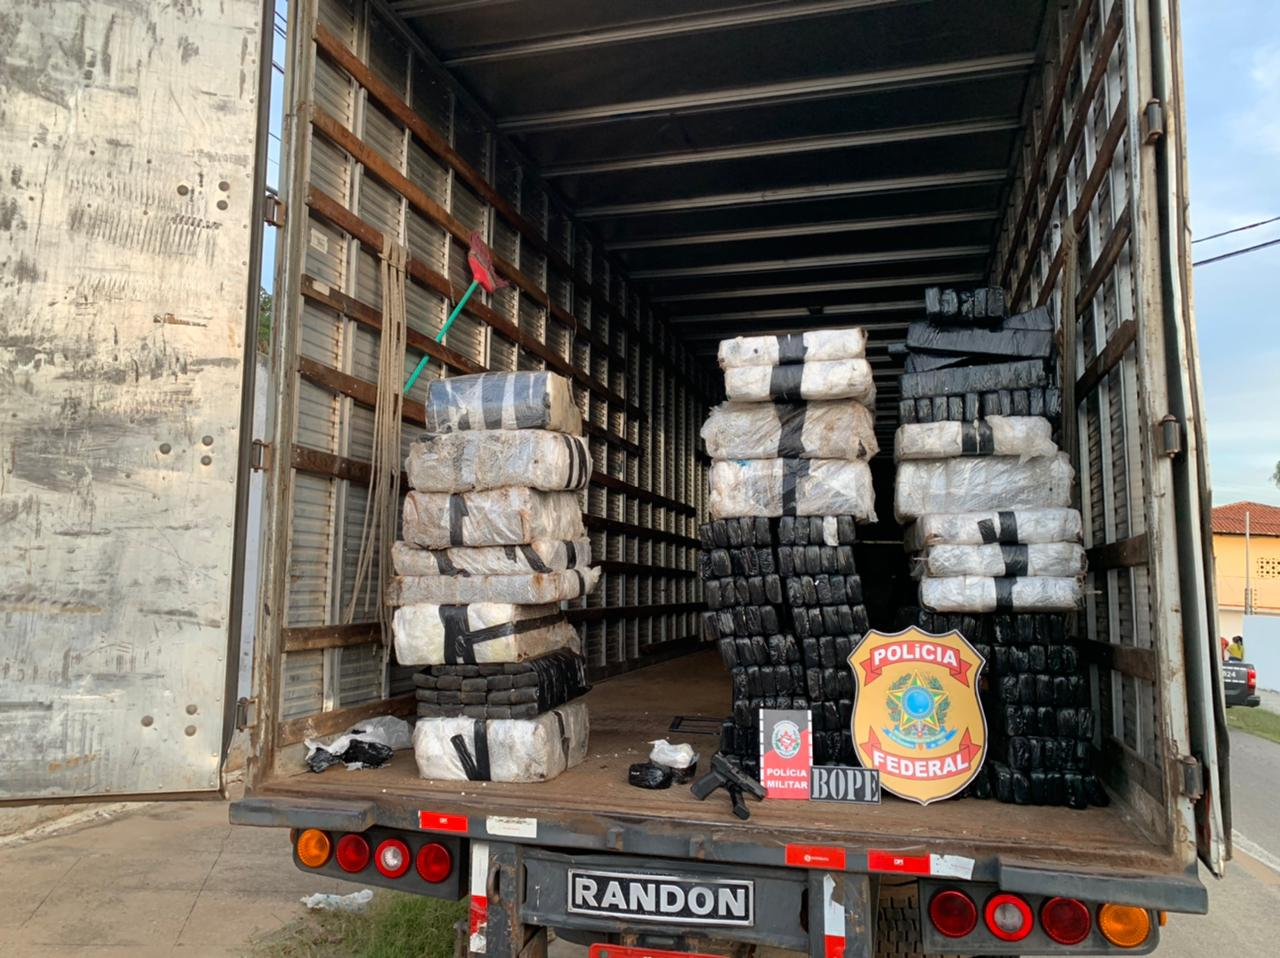 WhatsApp Image 2021 04 06 at 18.10.43 2 - PF apreende caminhão com 200 quilos de drogas em Cachoeira dos Índios